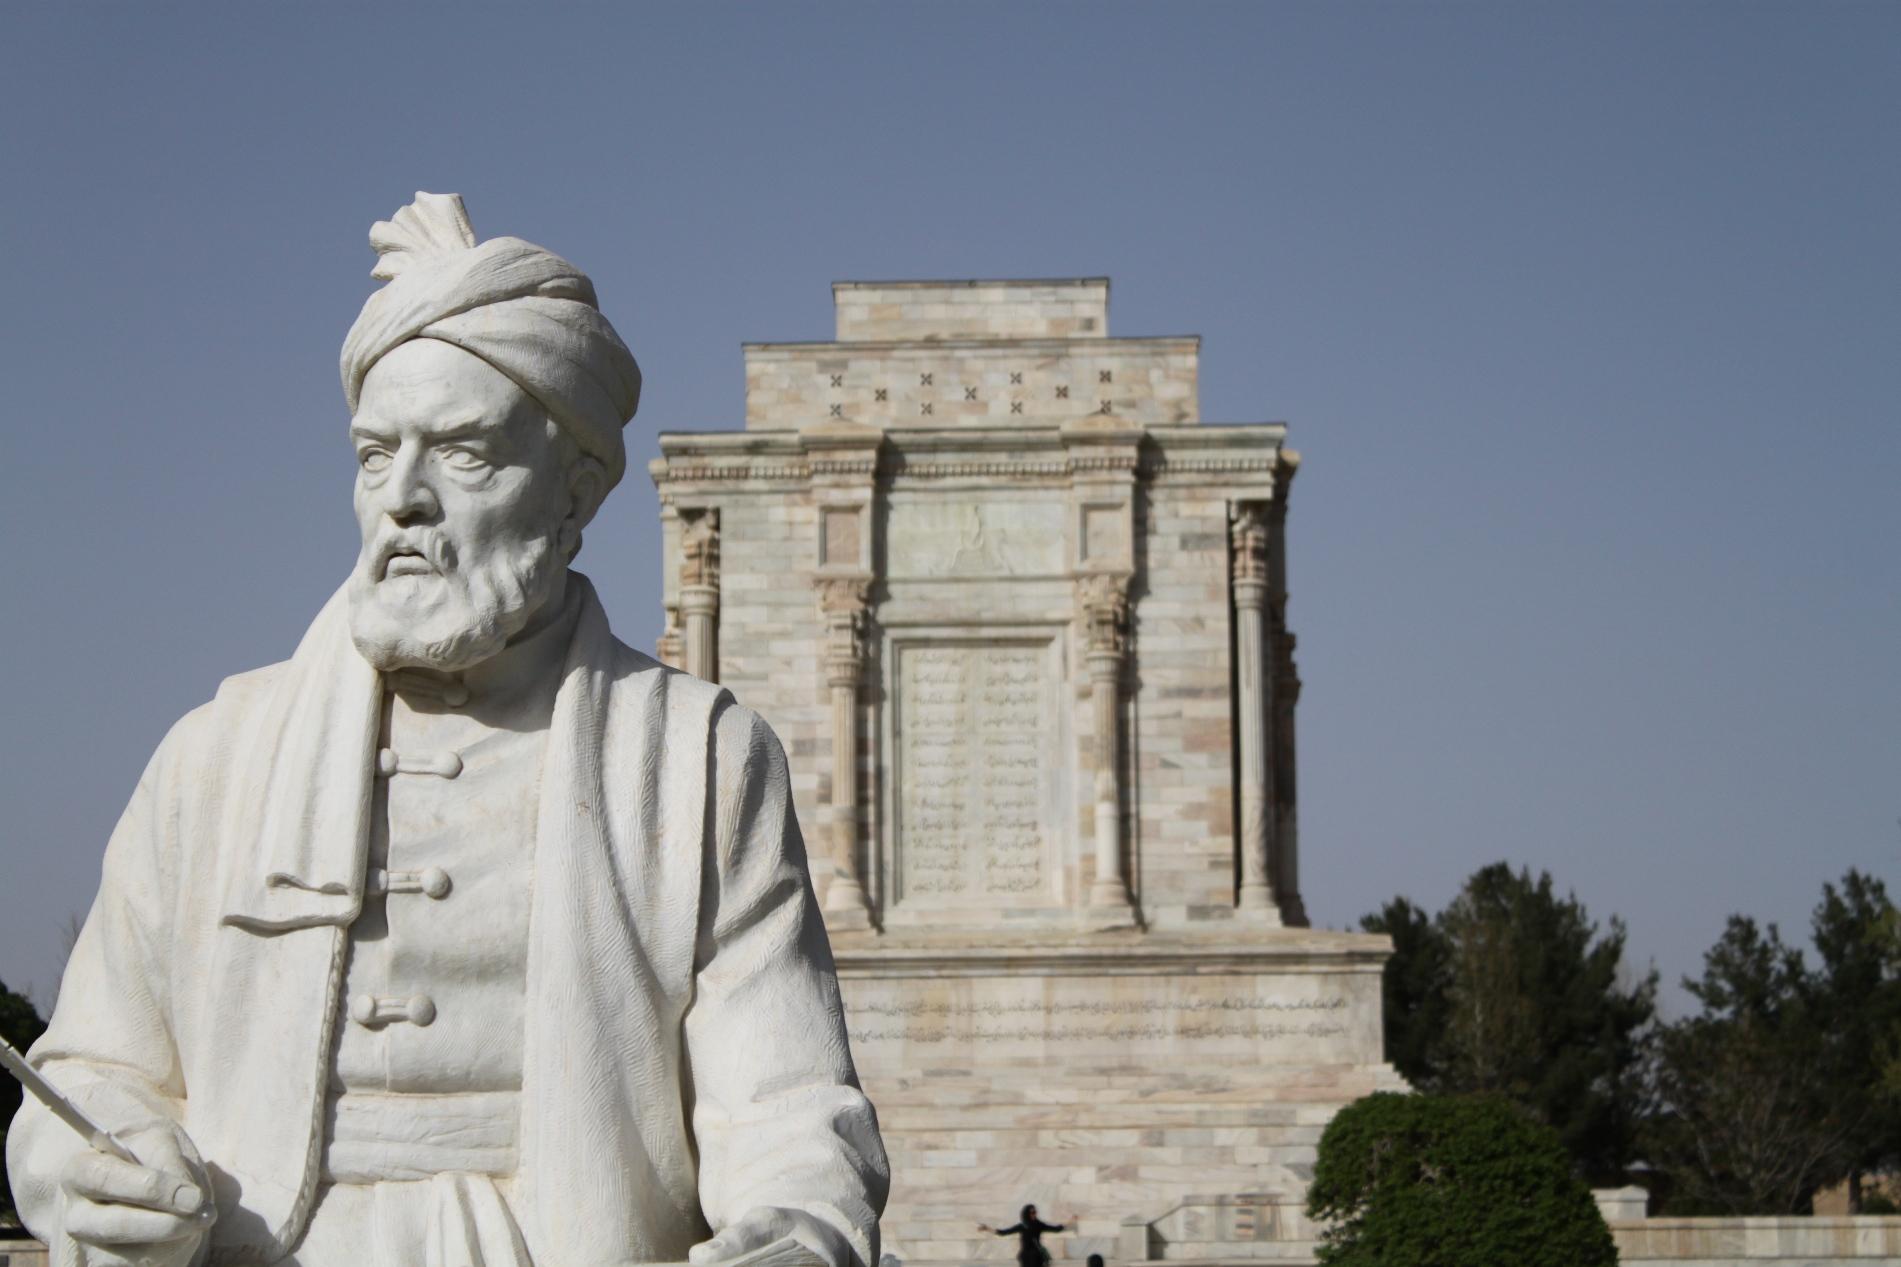 Ferdowsi's Shahnameh